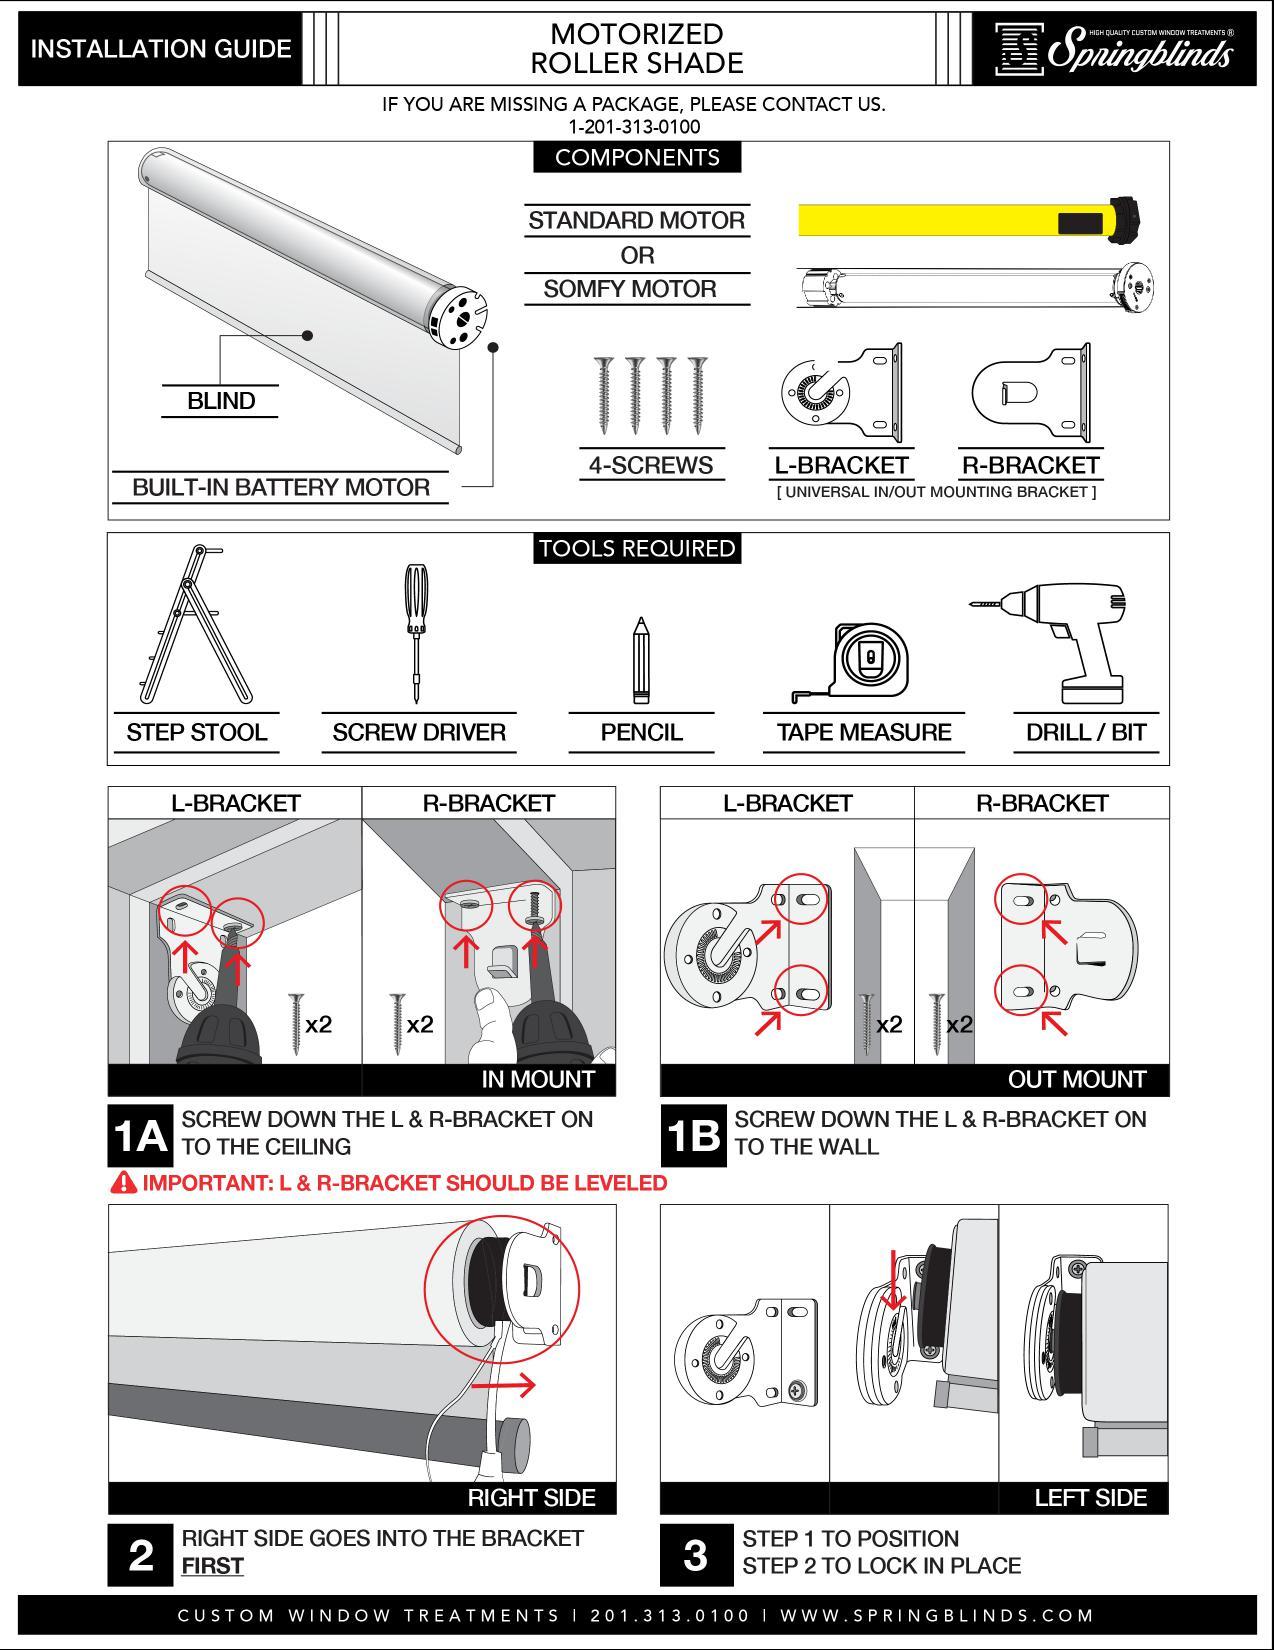 motorized-roller-shade-installation-guide.jpg